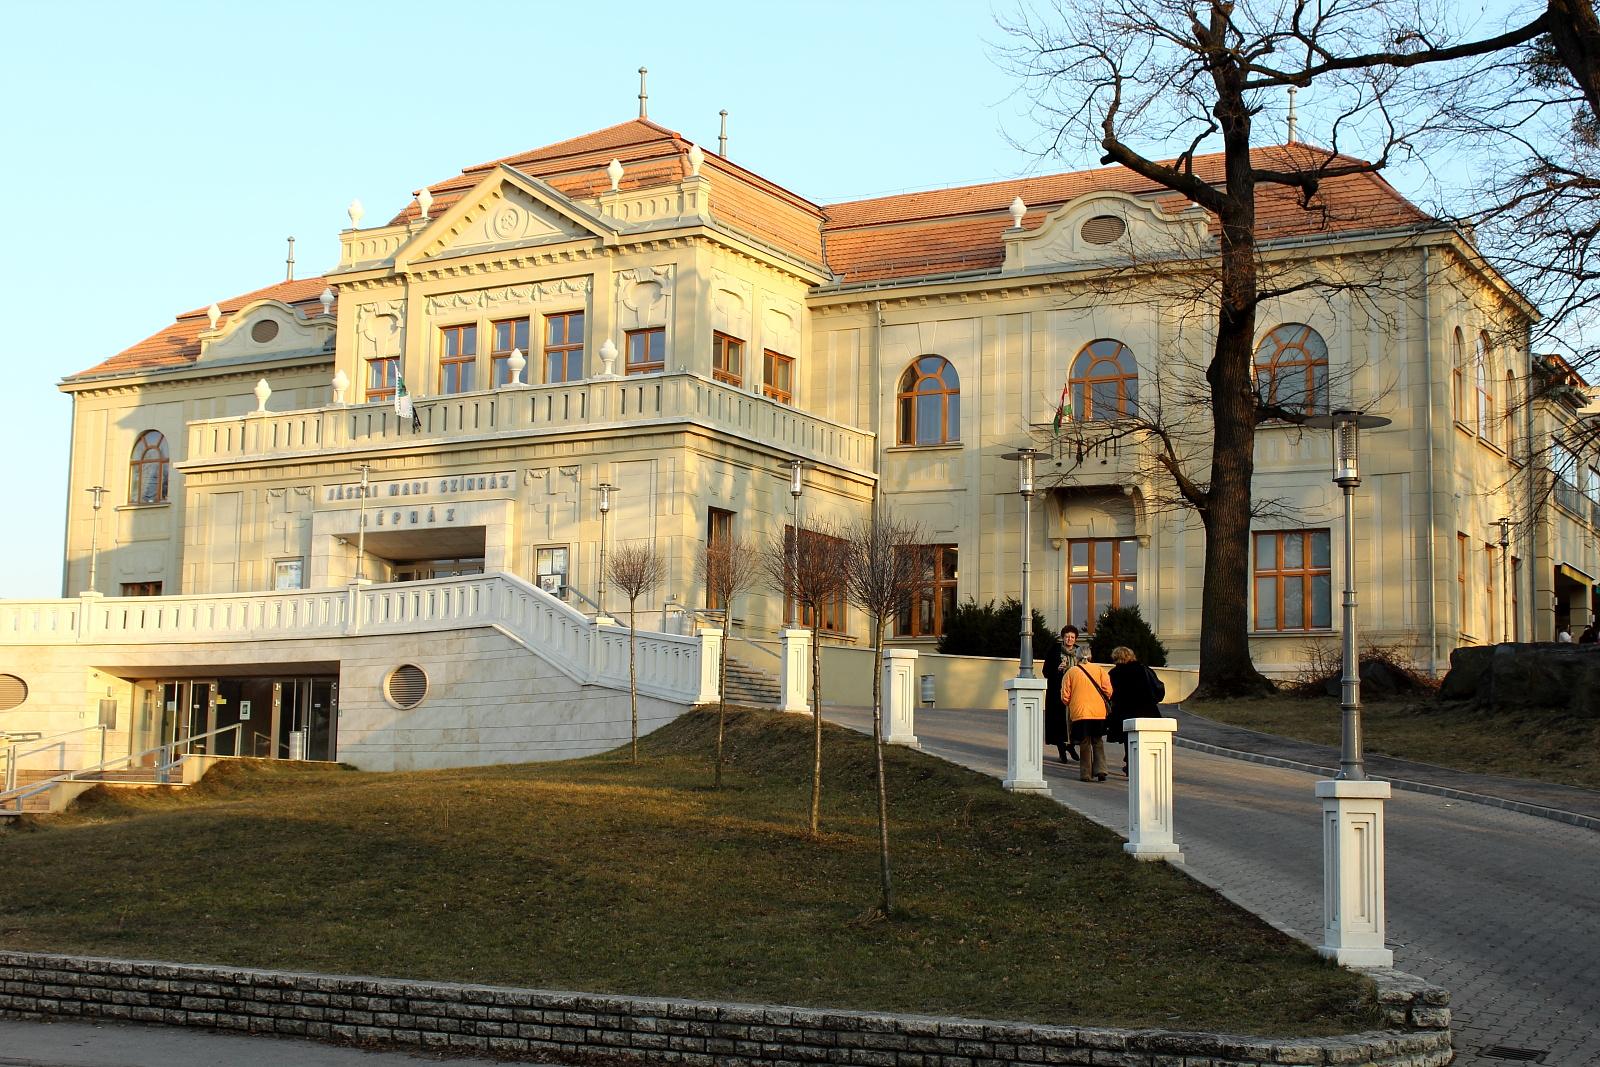 Színház-Tatabánya